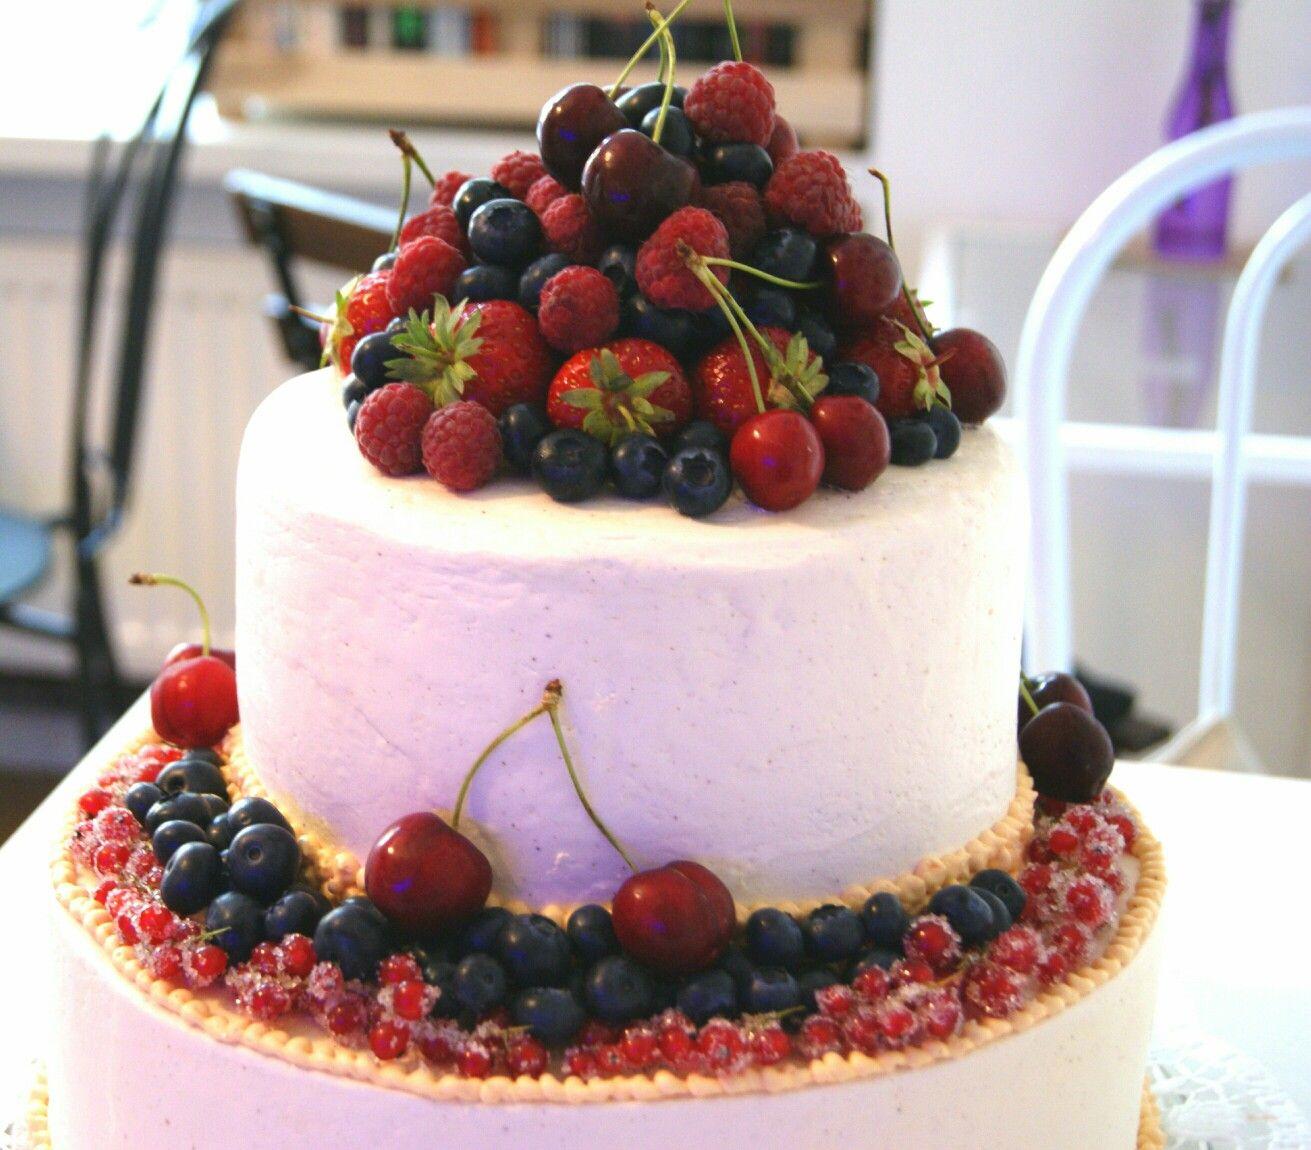 Vegane Hochzeitstorte Zweistockig Mit Frischen Fruchten Dekoriert